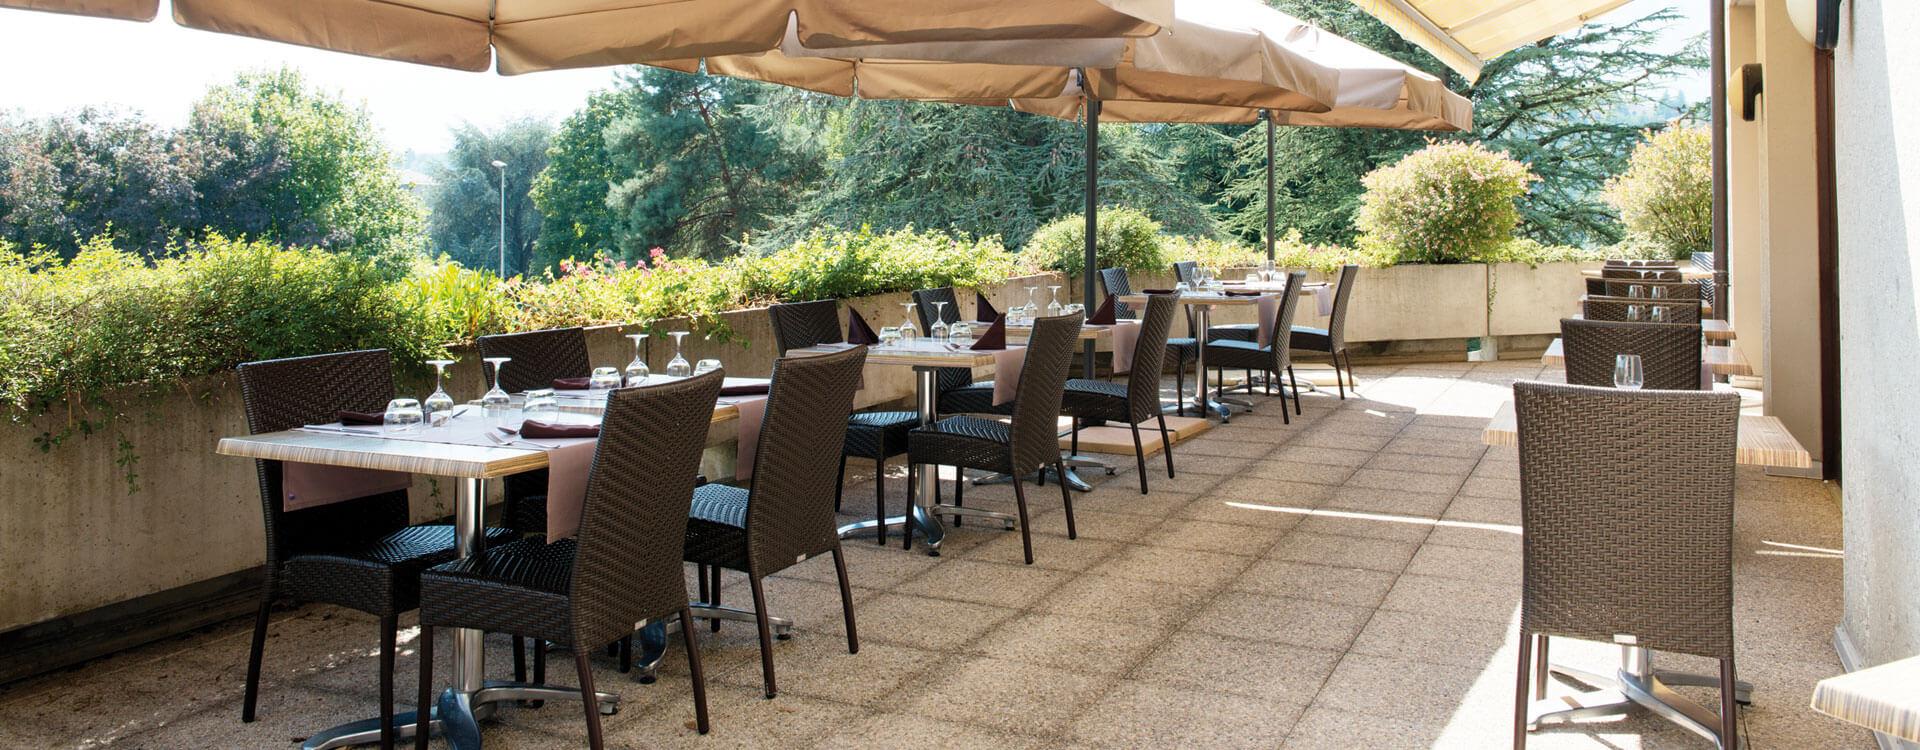 Restaurant - Hôtel & spa*** La Villa Marlioz à Aix-les-Bains